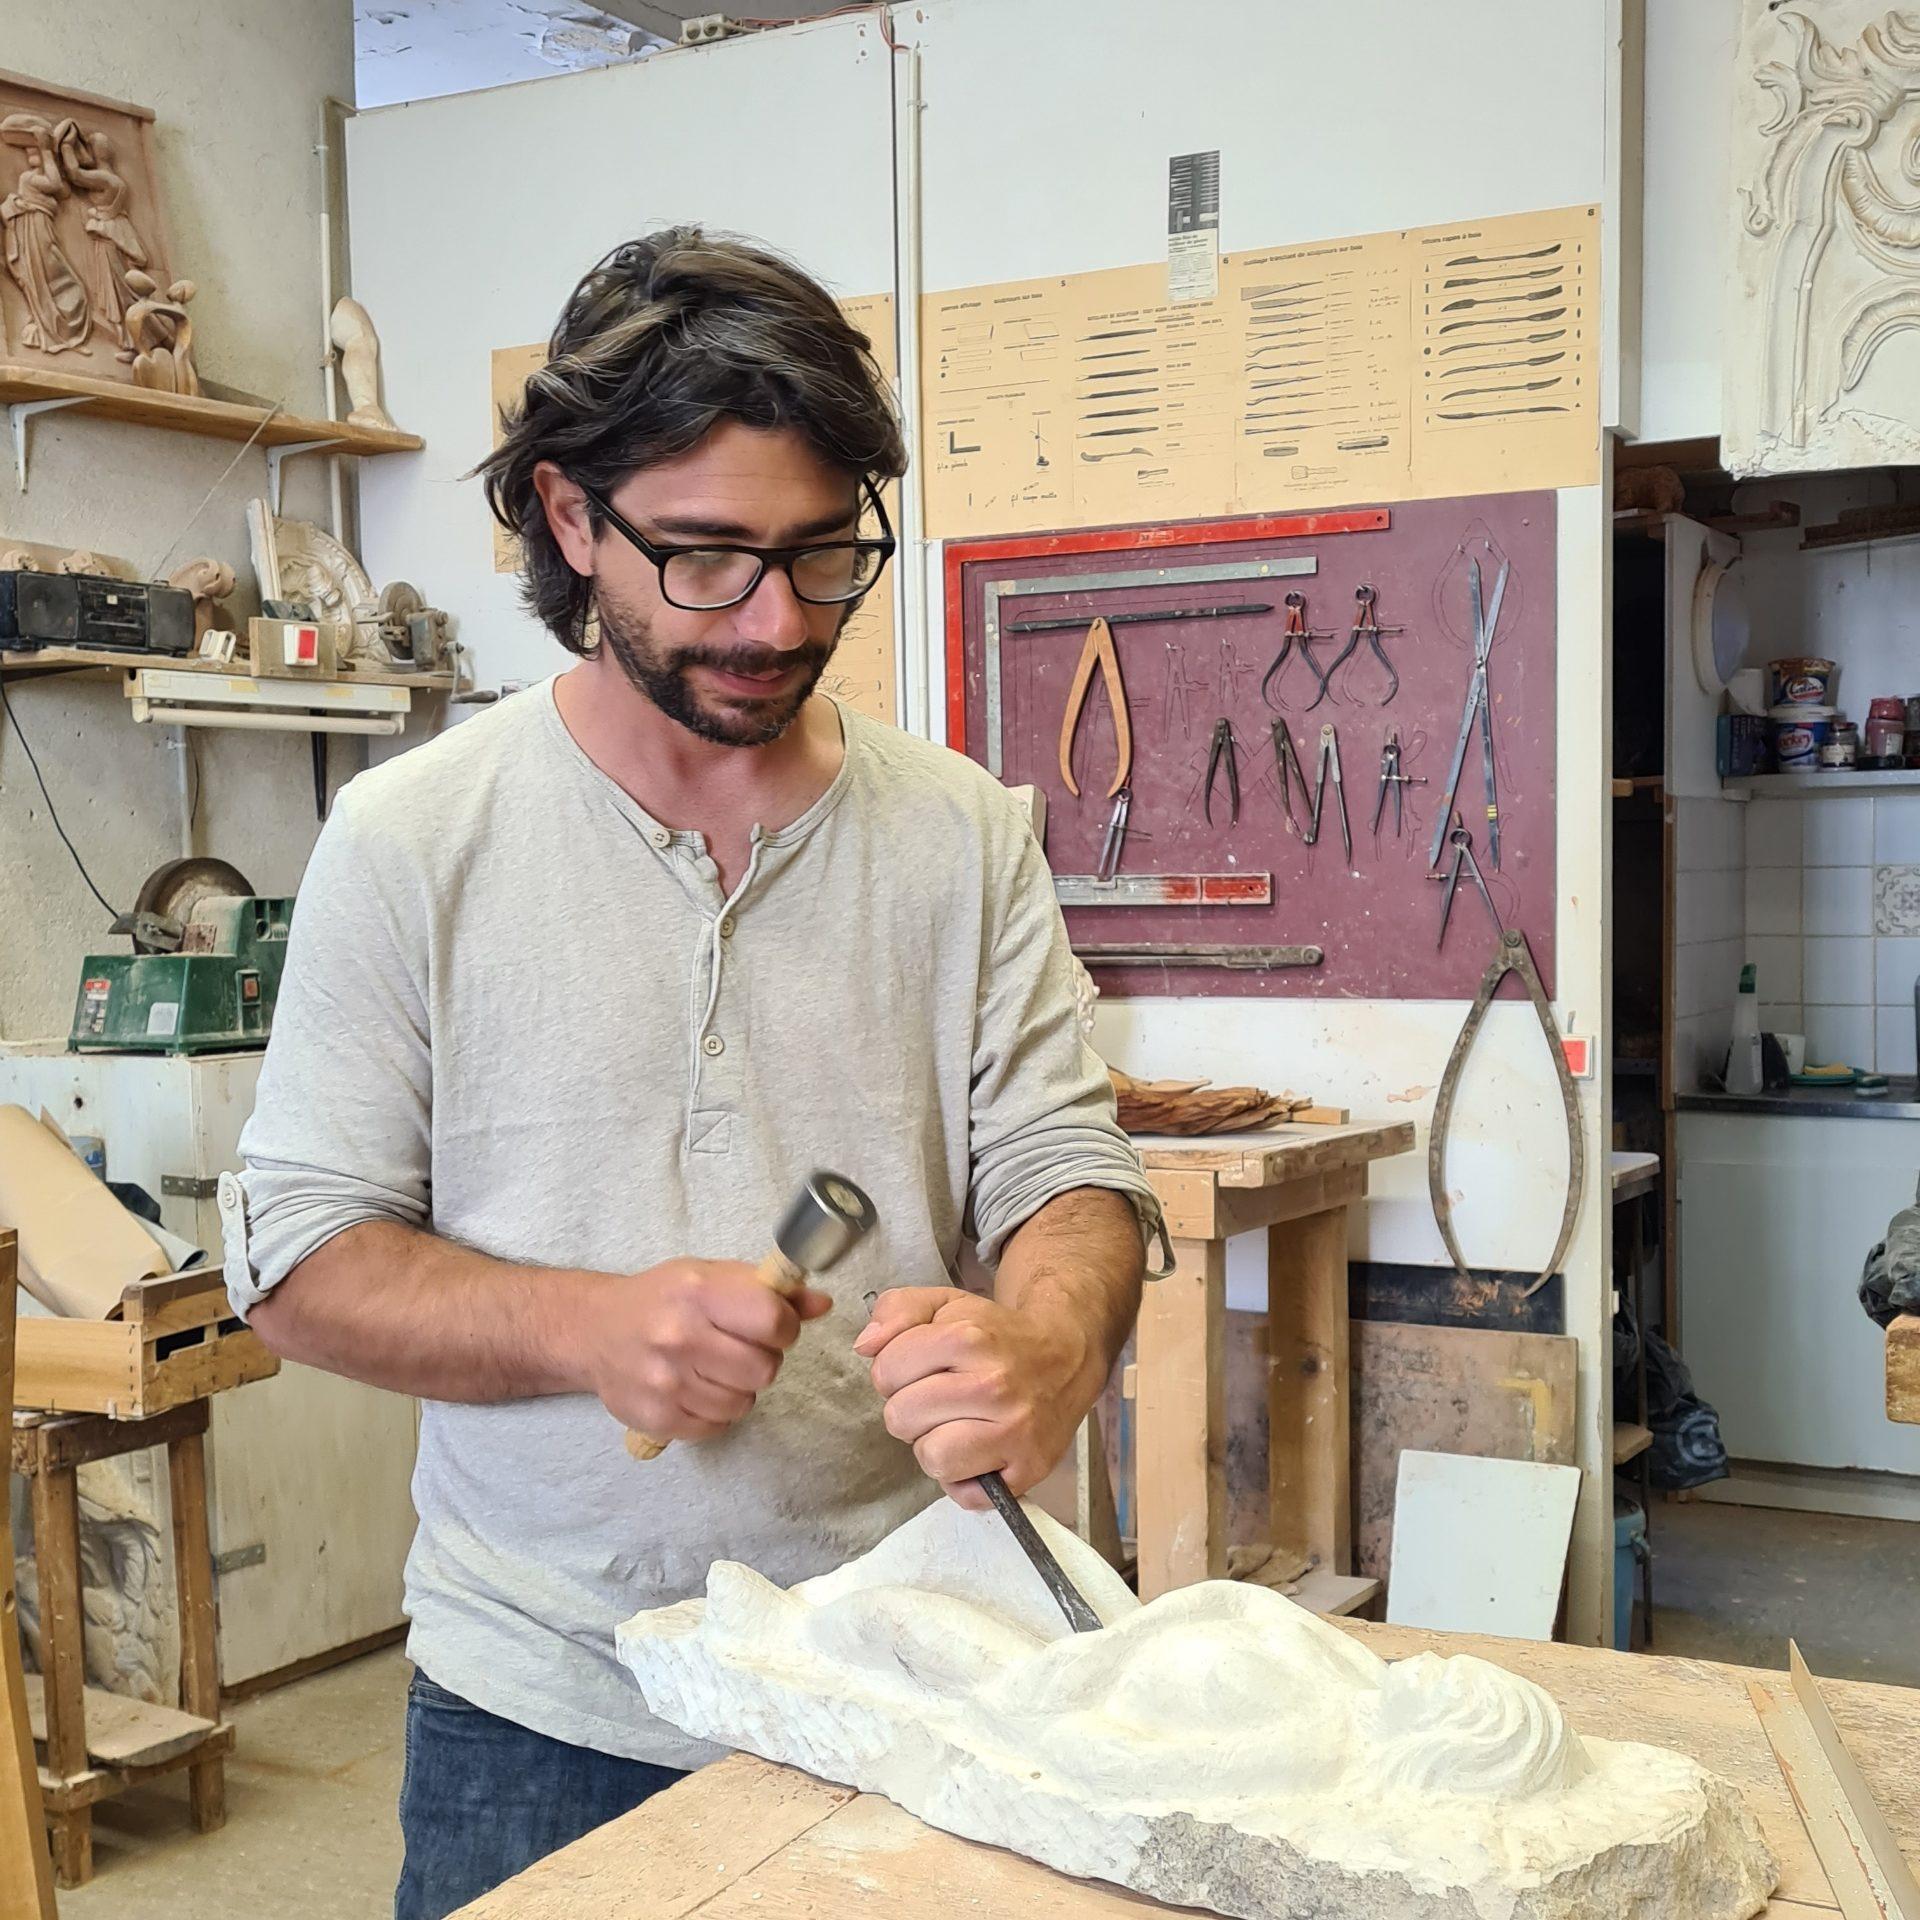 Romain Trichet formateur en modelage, sculpture et moulage à l'Académie des Arts d'Avignon